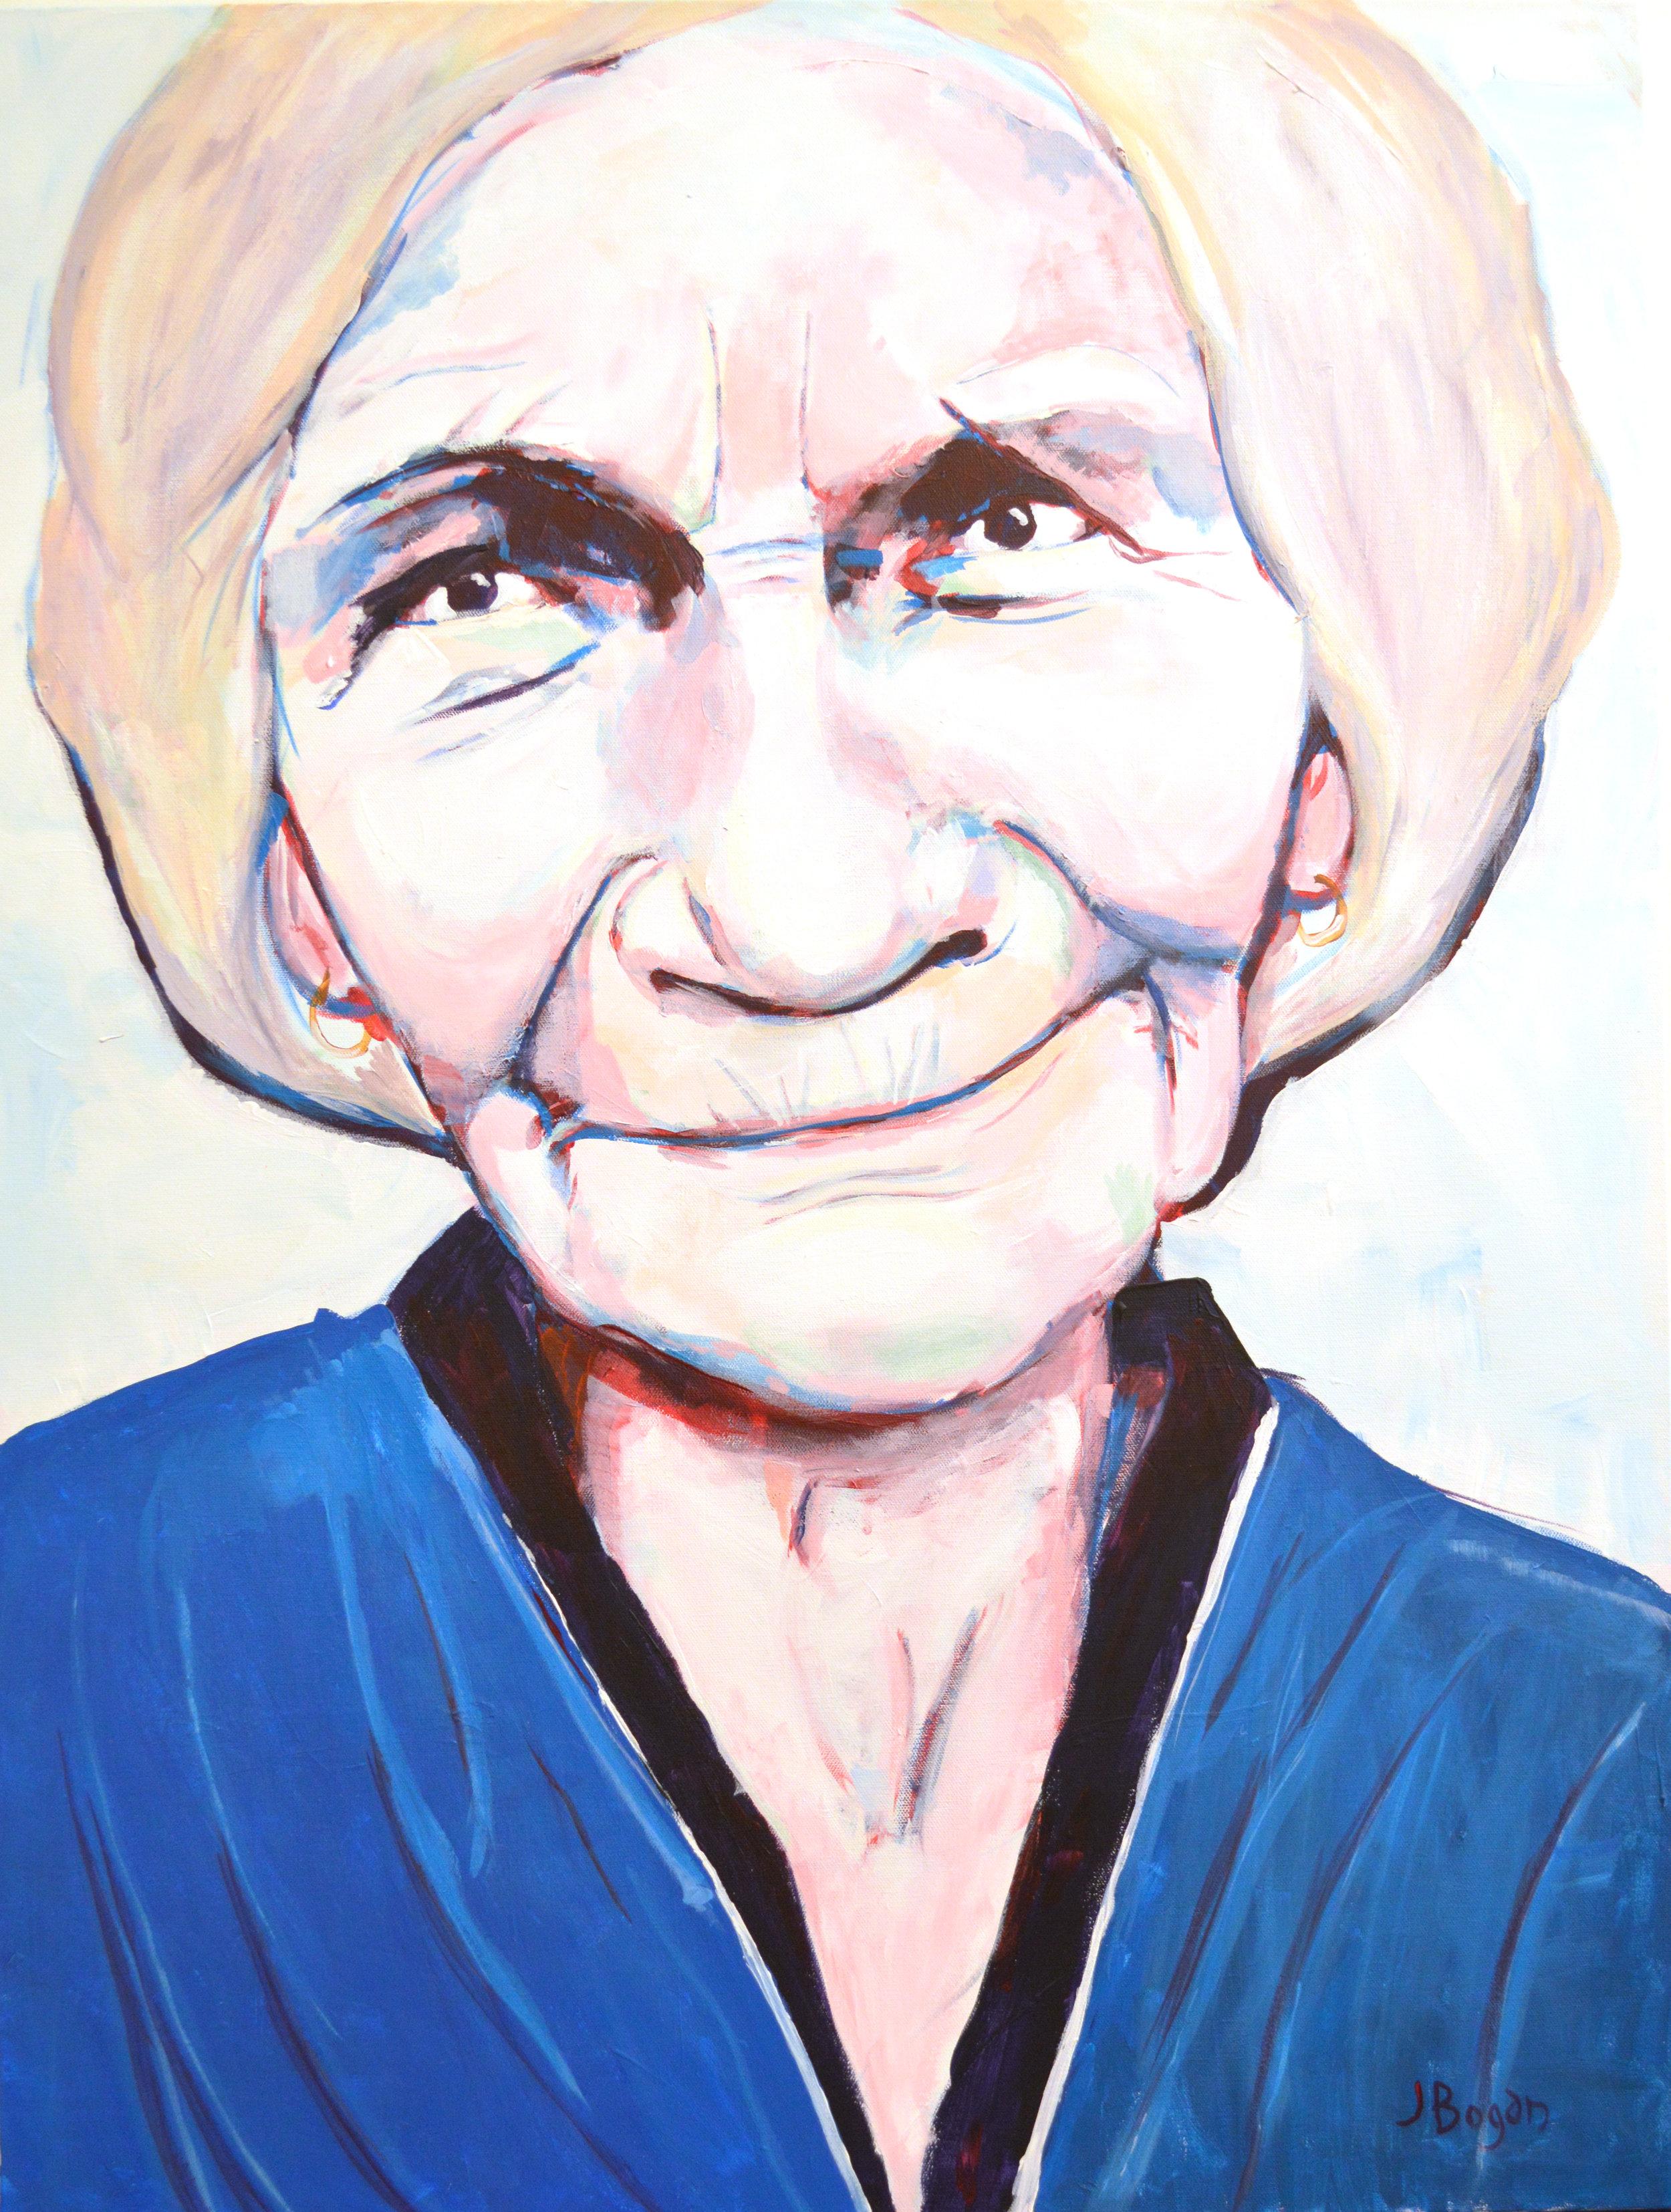 Mary - 30X40 Acrylic on Canvas$850